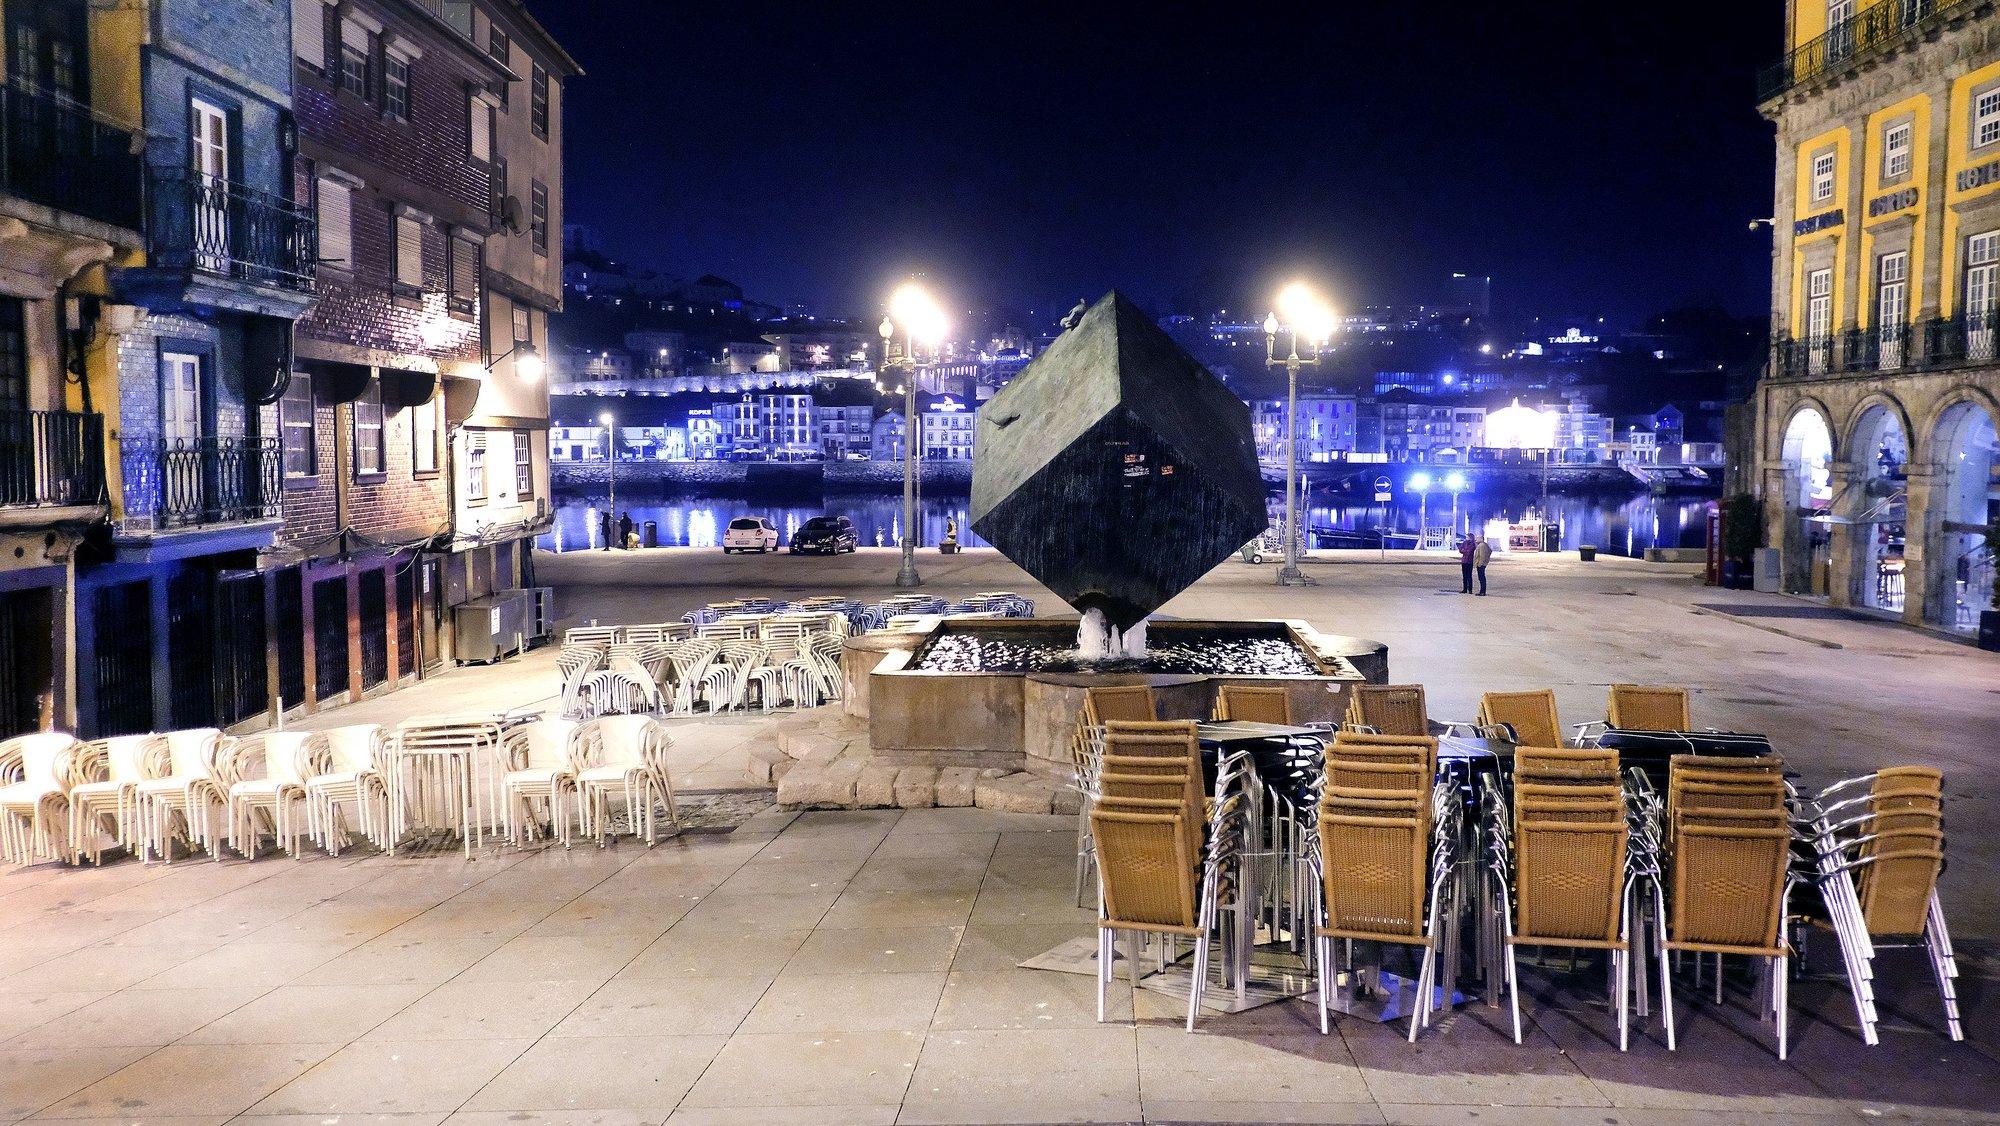 Ribeira do Porto, ontem à noite uma das zonas de grande concentração de bares e de restaurantes no Porto,  praticamente sem gente devido ao surto de coronavírus (Covid-19), no dia em que o Governo ordenou o encerramento dos bares às 21h00. O número de infeções da COVID-19 em Portugal aumentou para 169. Porto, 15 de março de 2020. FERNANDO VELUDO / LUSA.